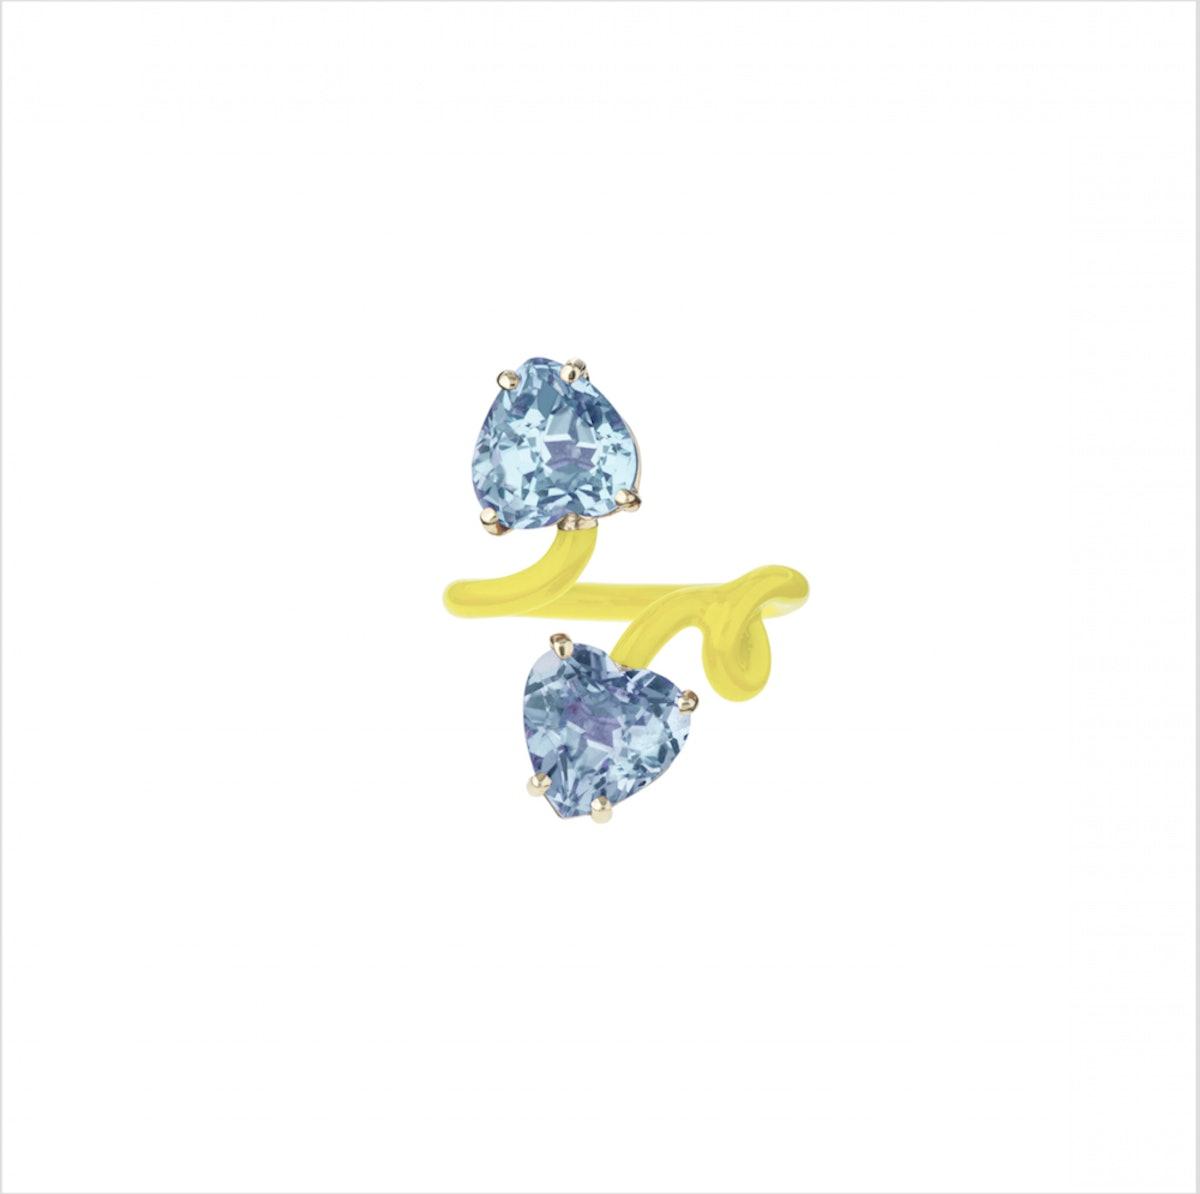 Double Heart Vine Tendril Ring